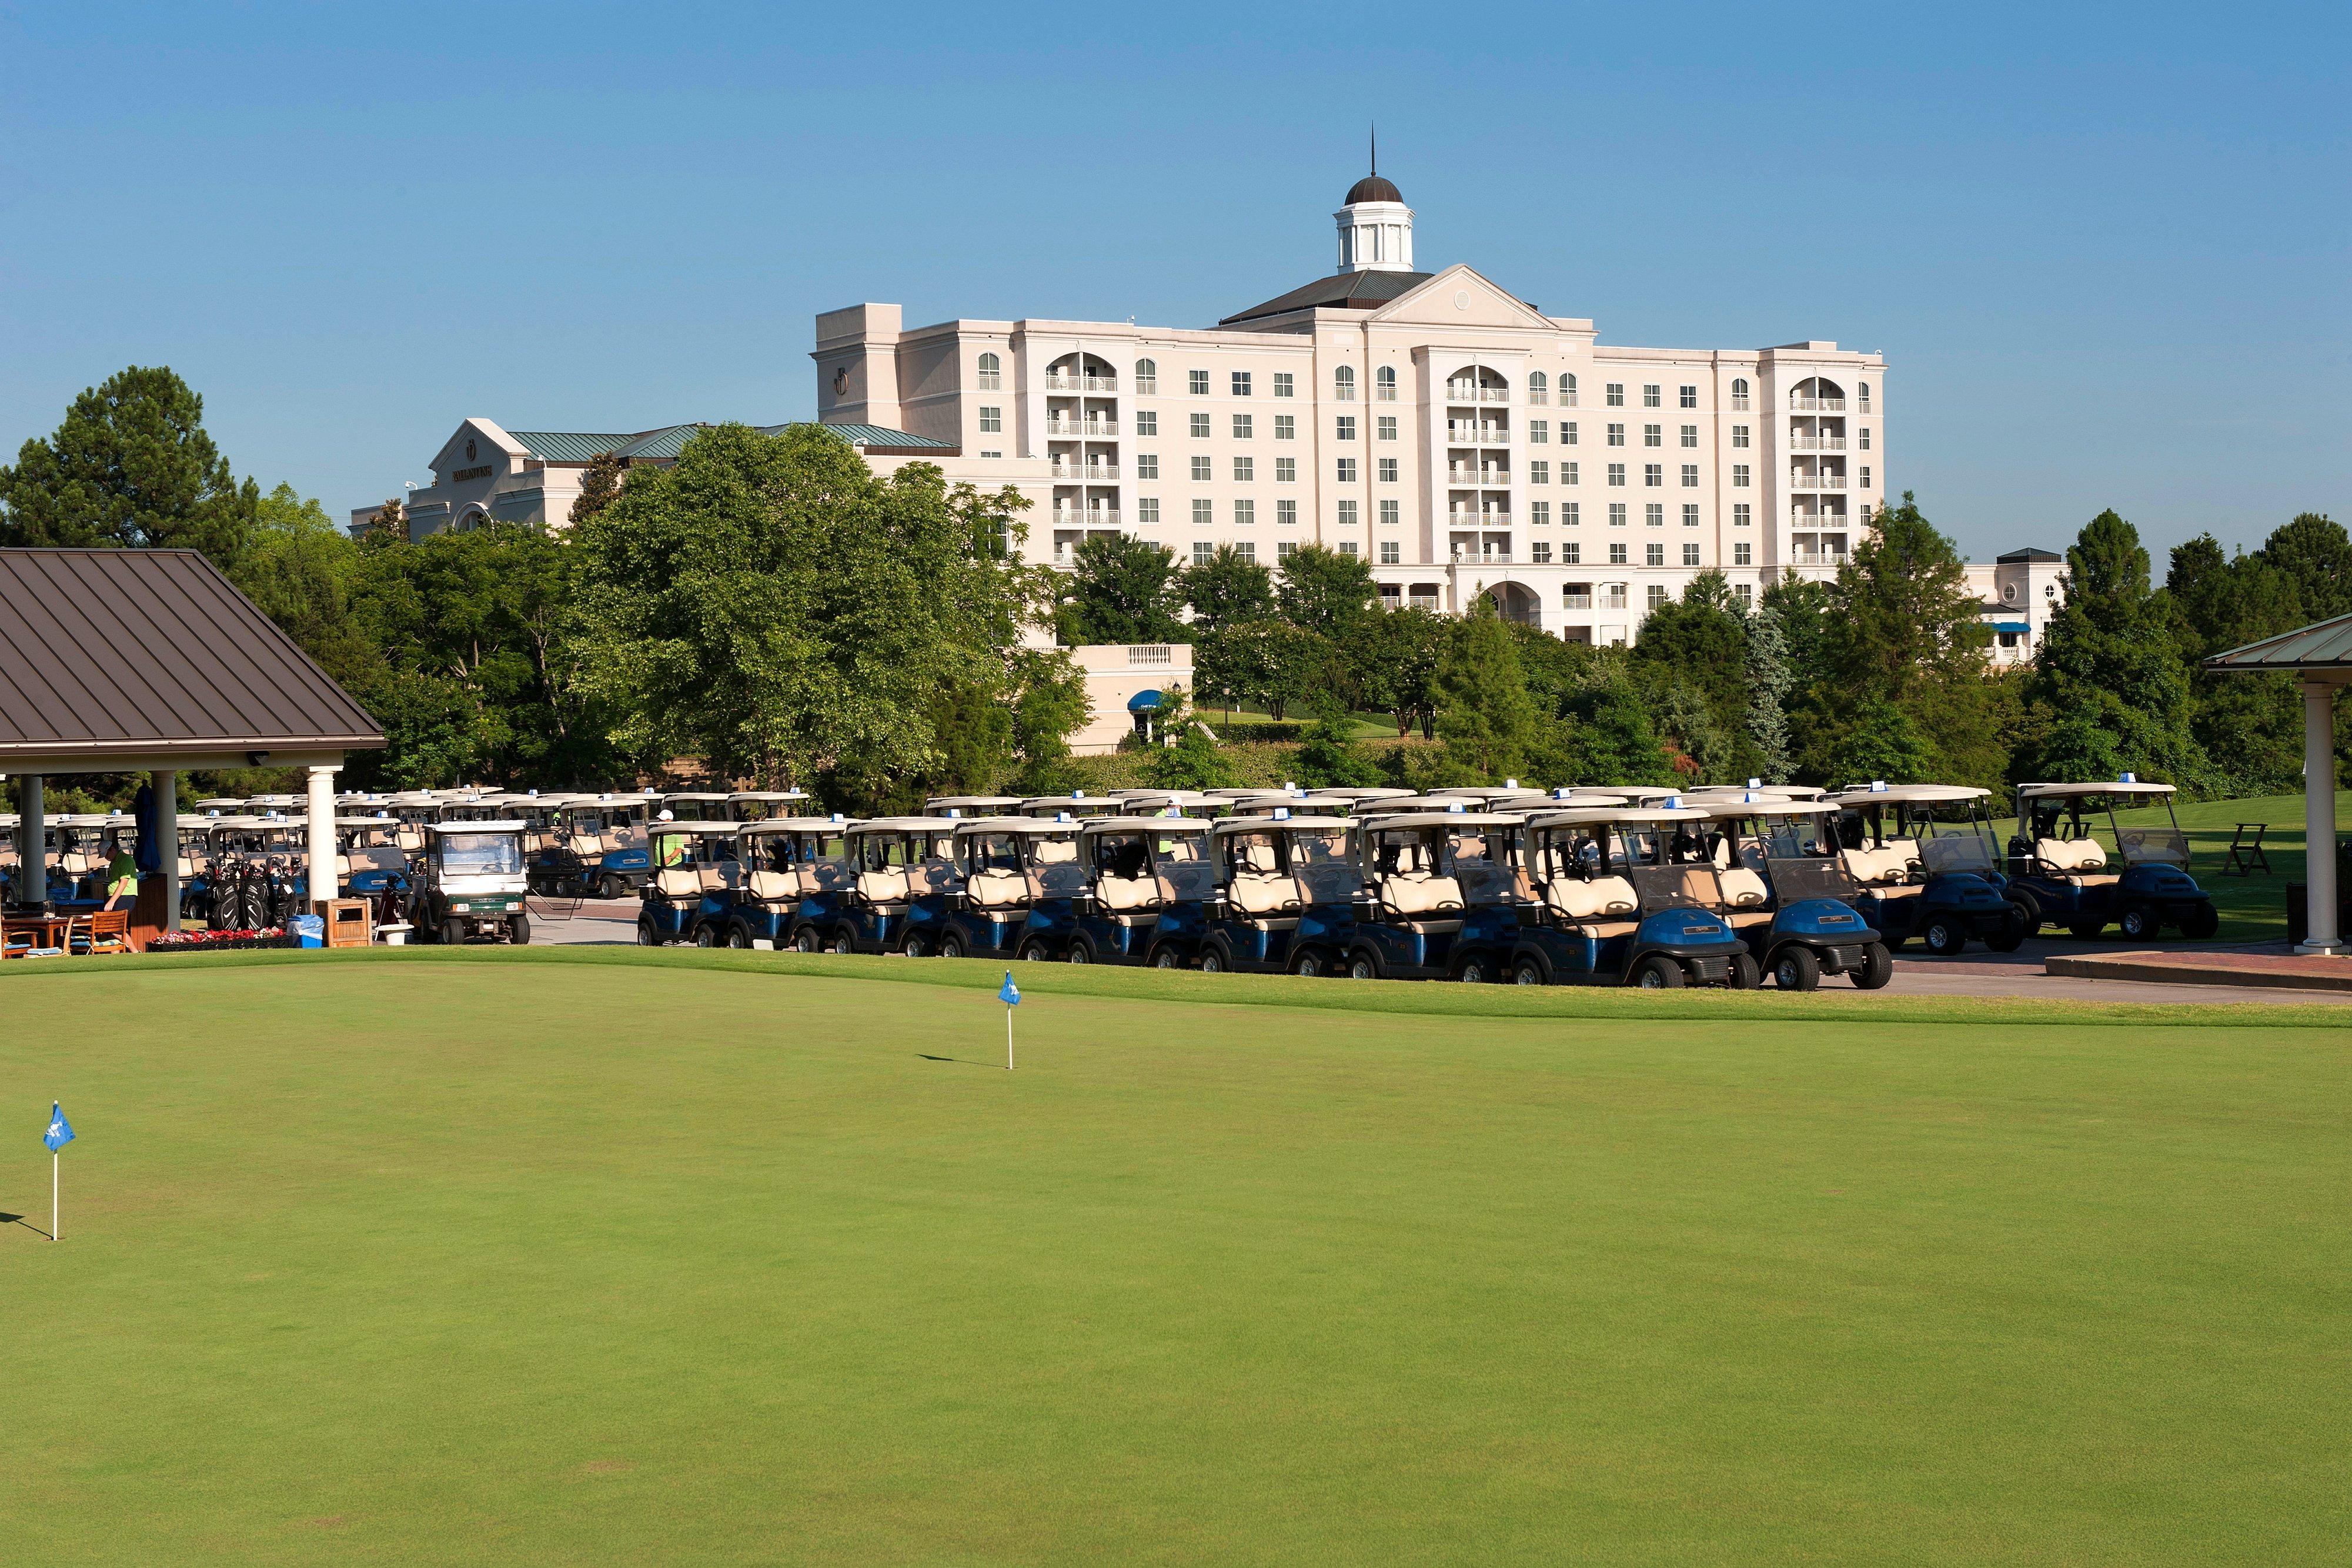 The Ballantyne Golf Practice Area